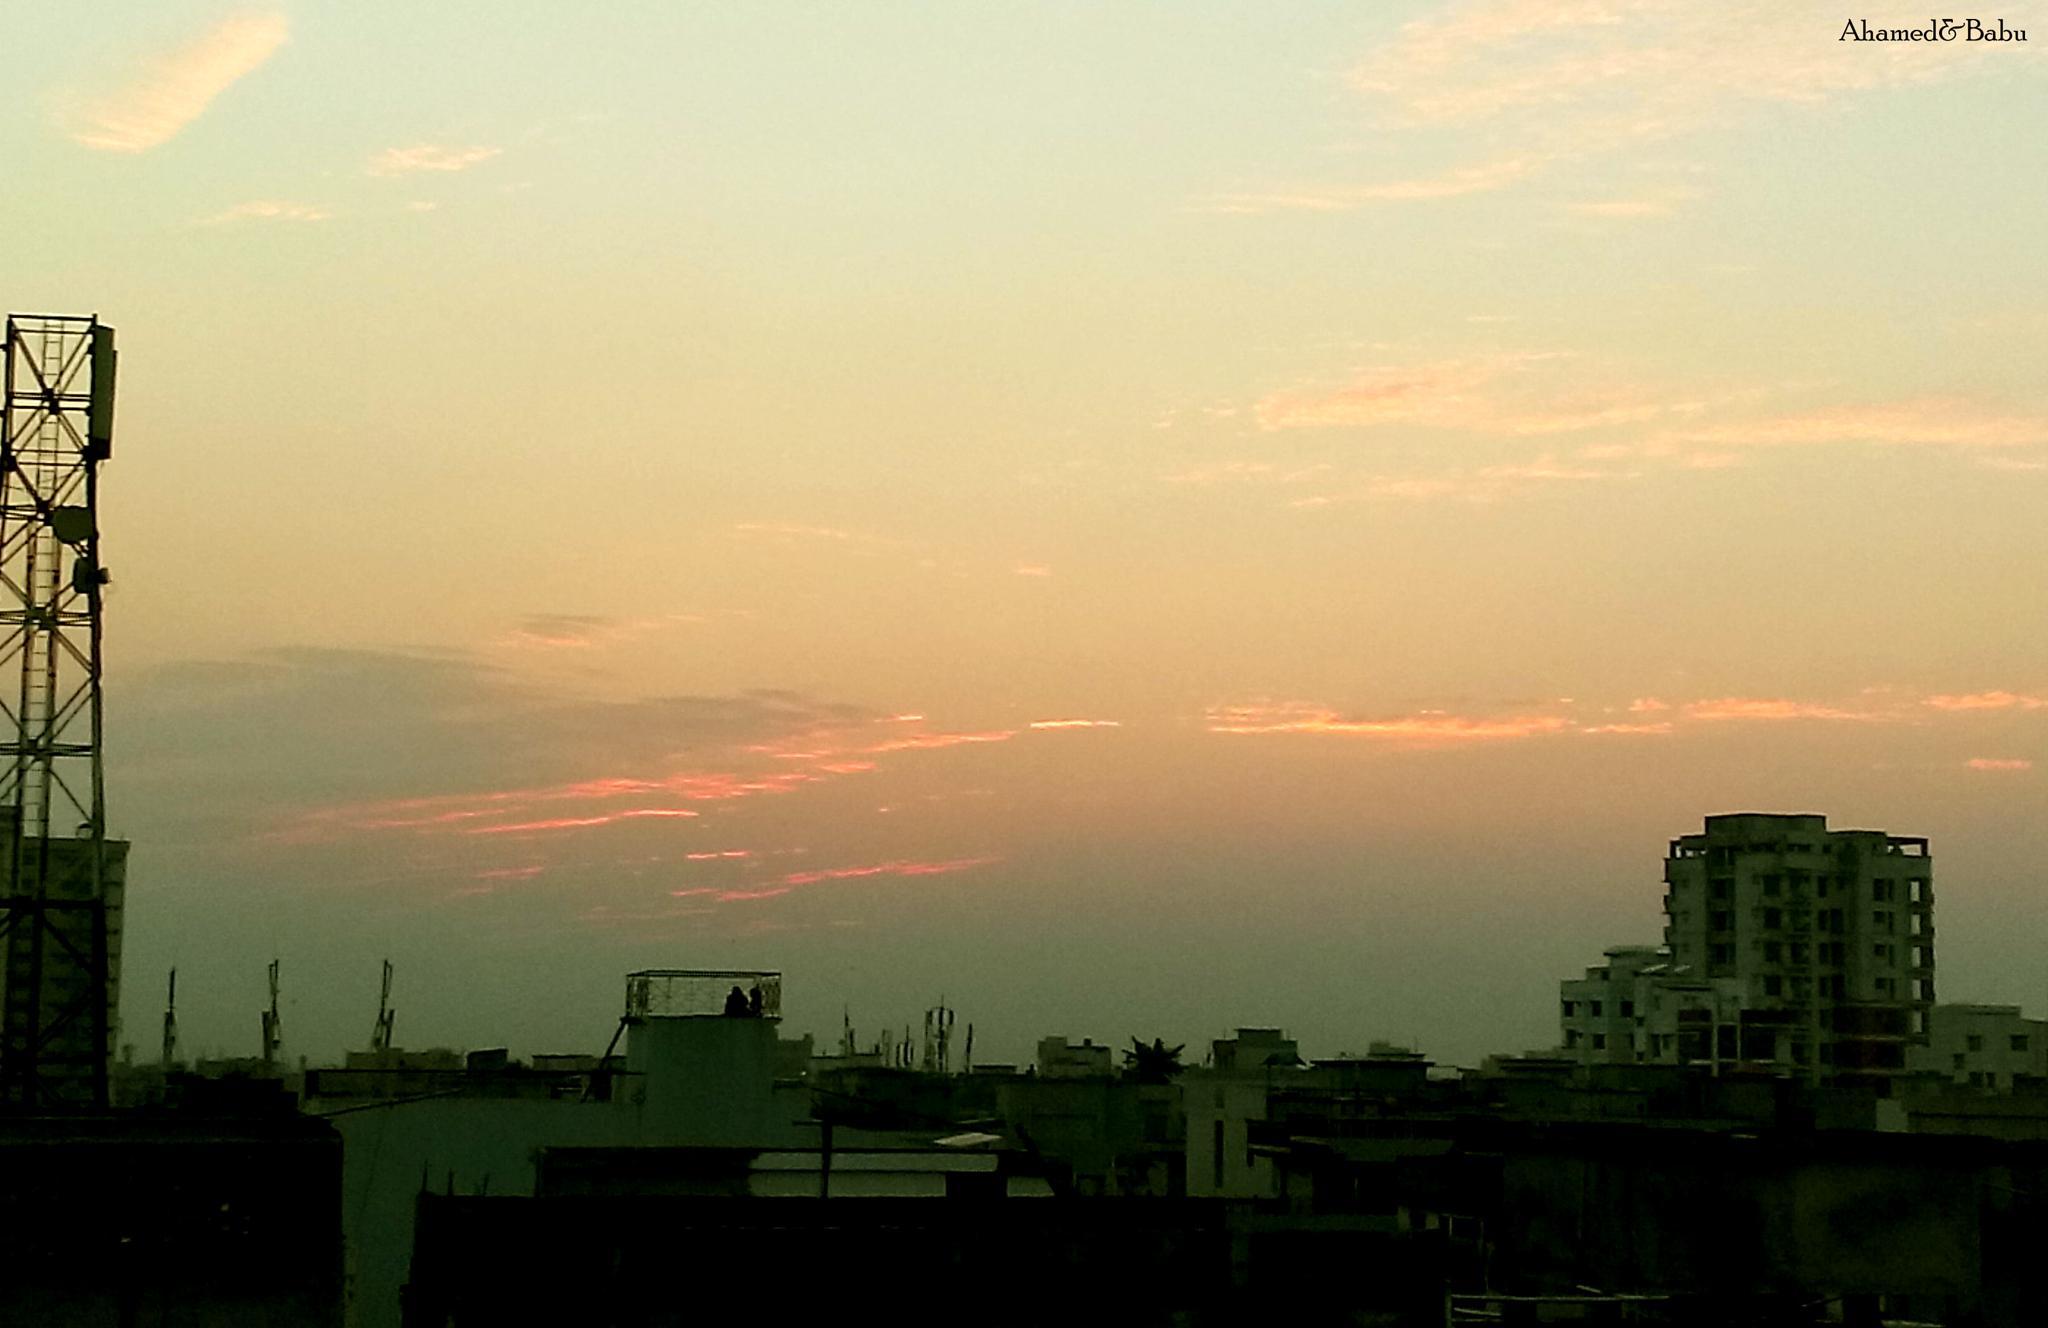 Dusk on Dhaka by Ahamed Babu